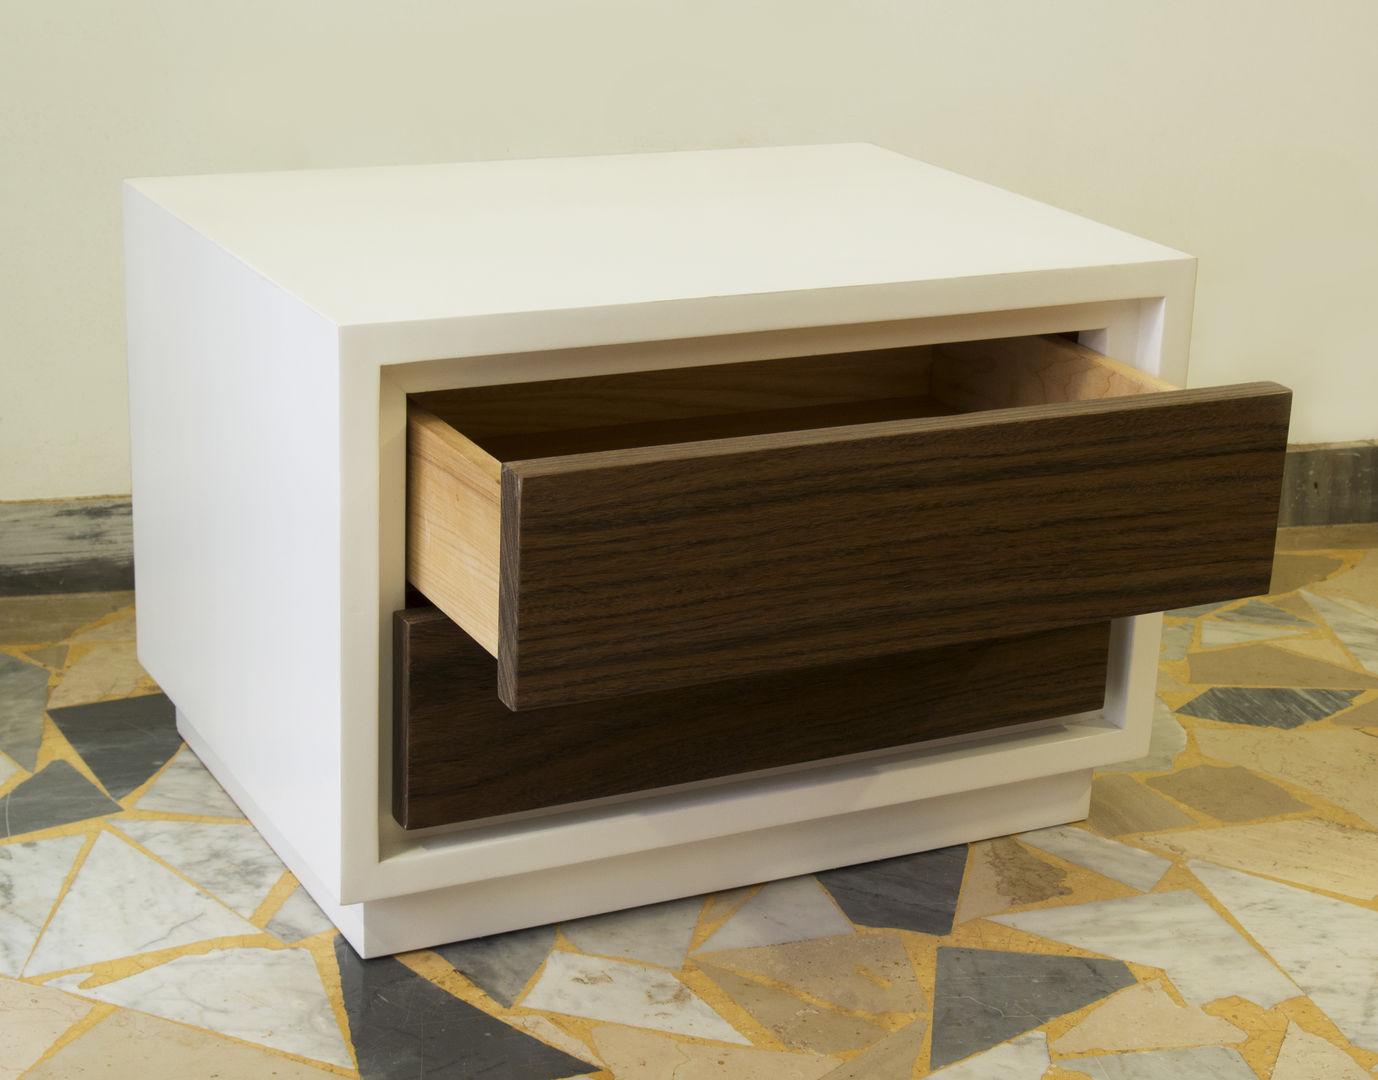 schlafzimmer set wei und nussbraun ebanisteria gambella. Black Bedroom Furniture Sets. Home Design Ideas